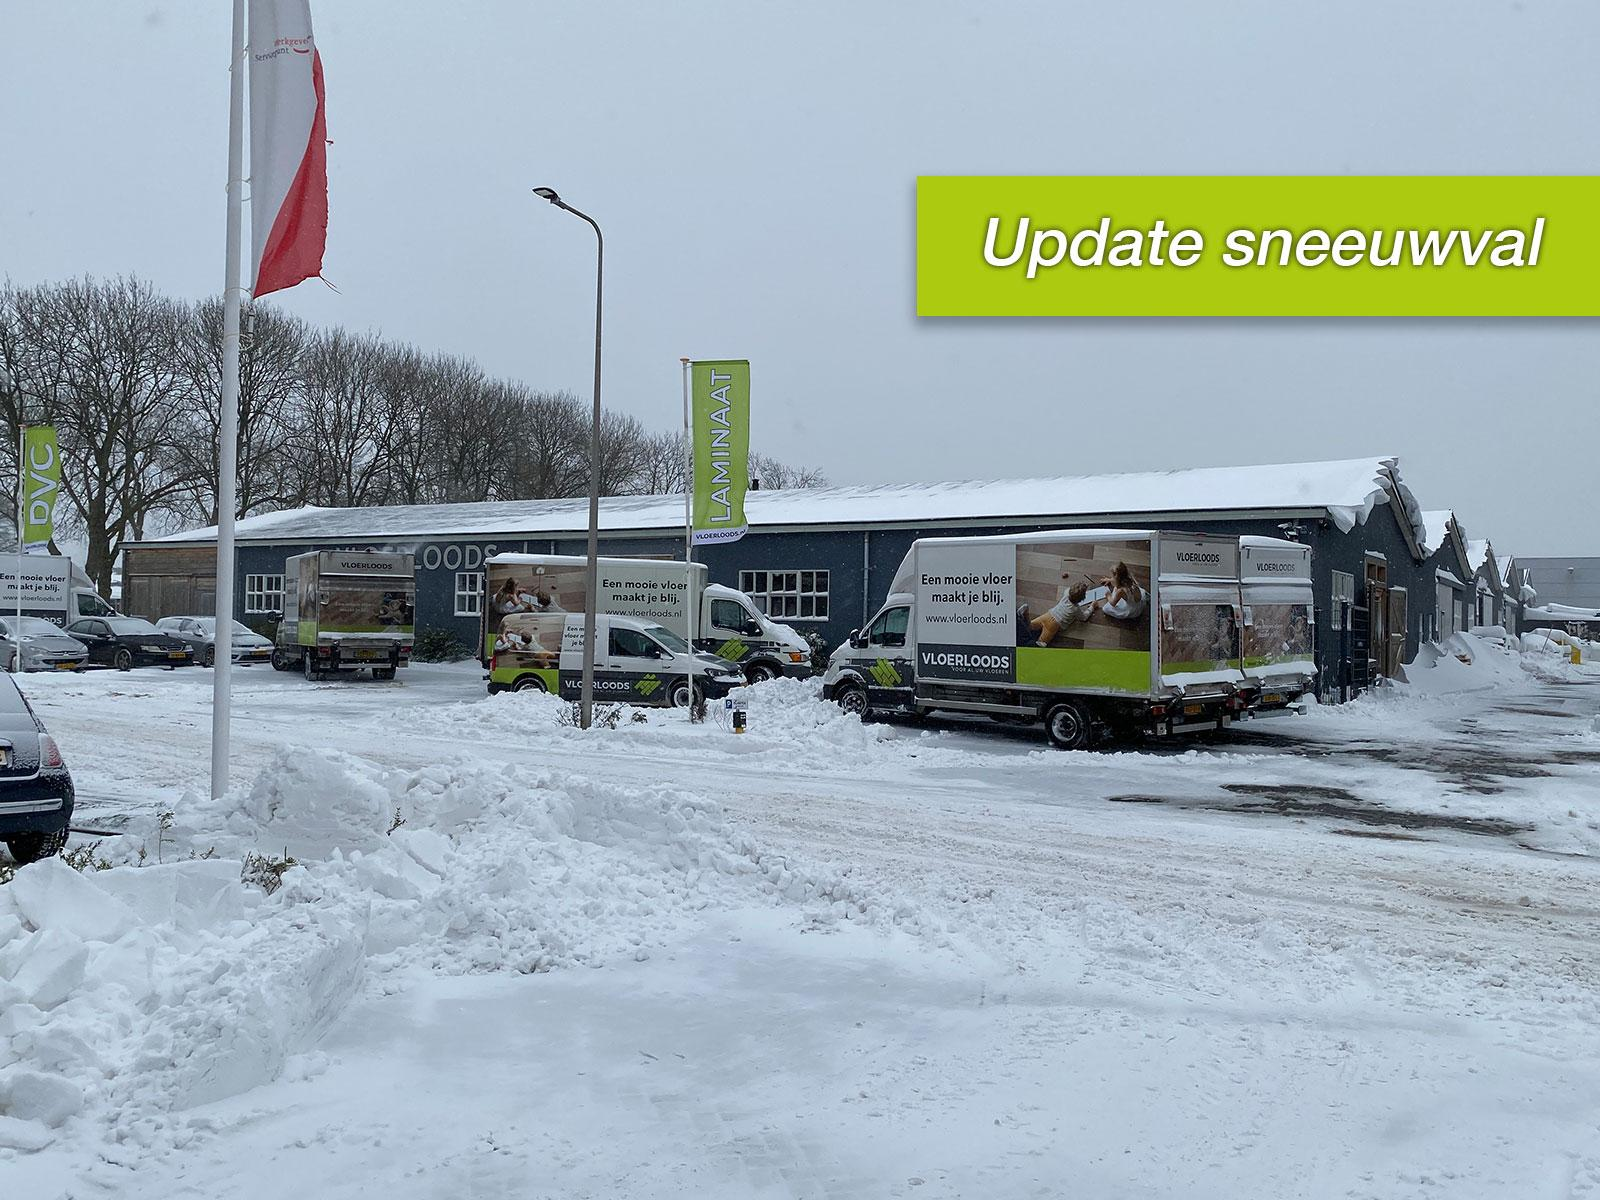 Informatie rondom de sneeuwval